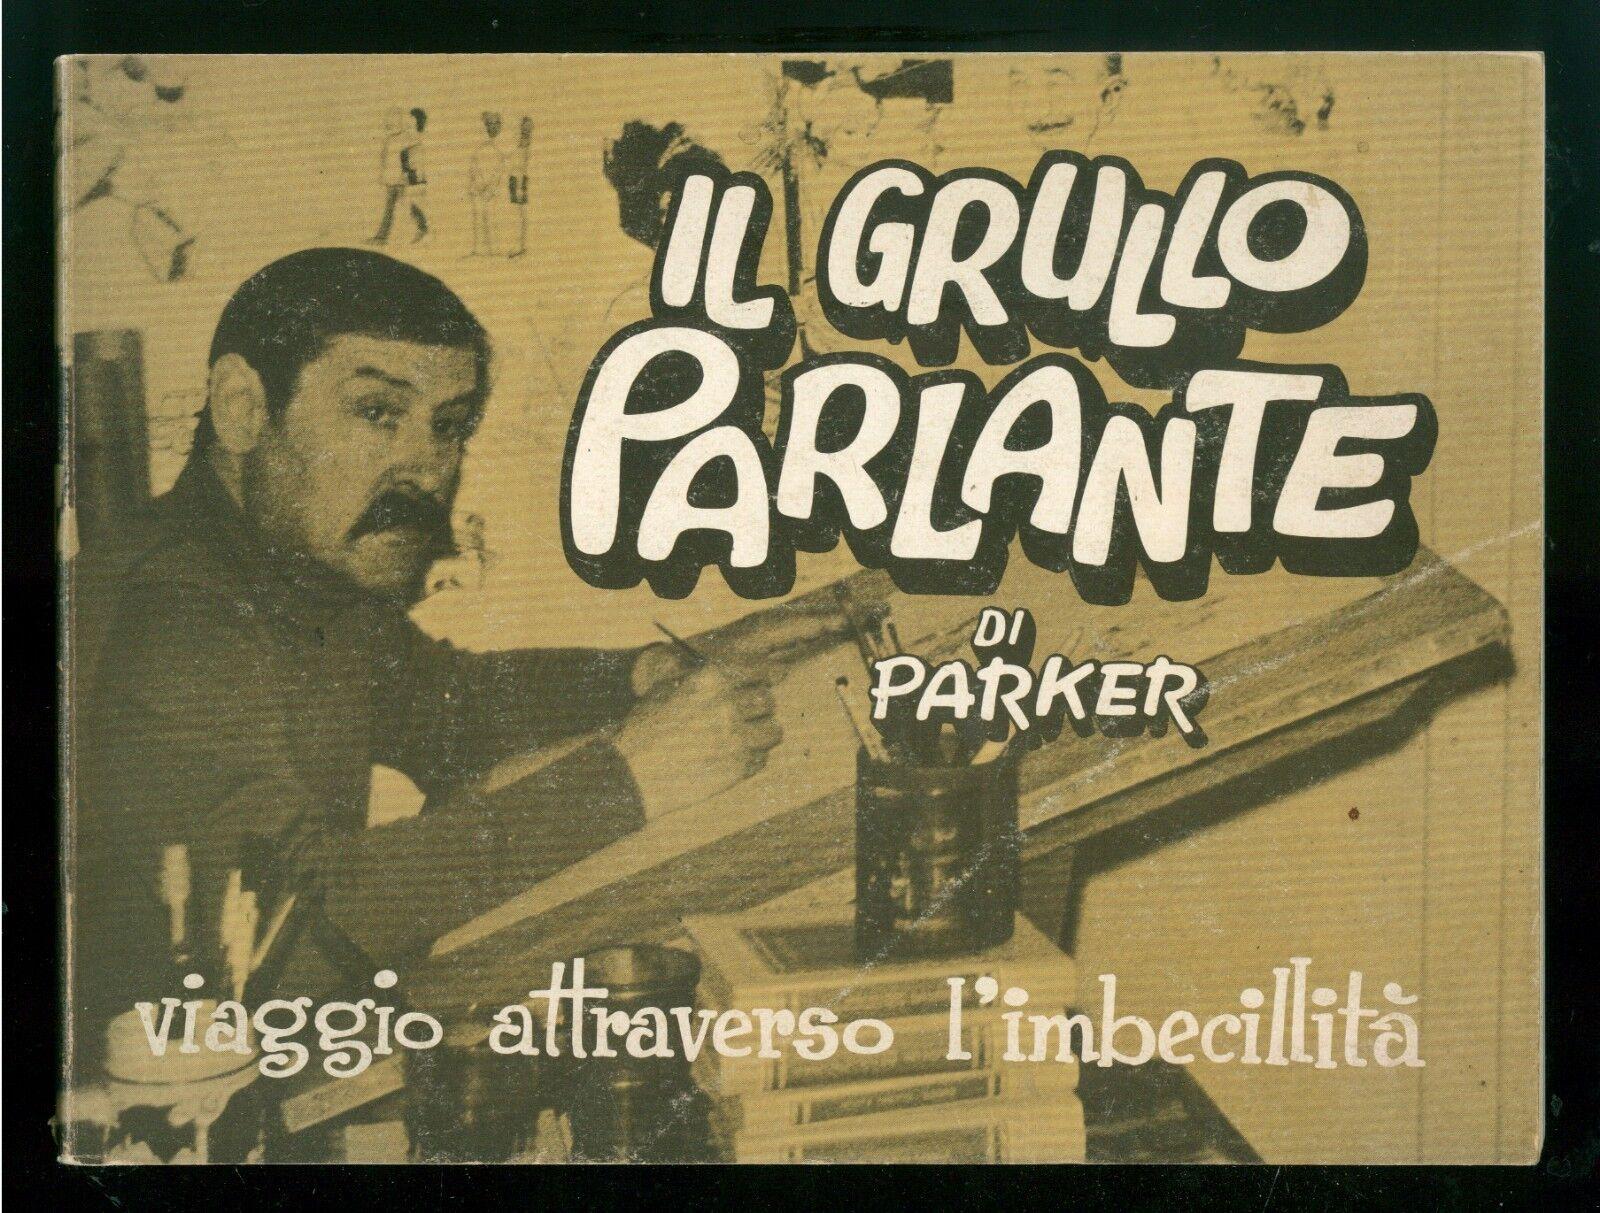 PARKER IL GRULLO PARLANTE GINO SANSONI ED. 1969 AUTOGRAFO ILLUSTRATI UMORISMO